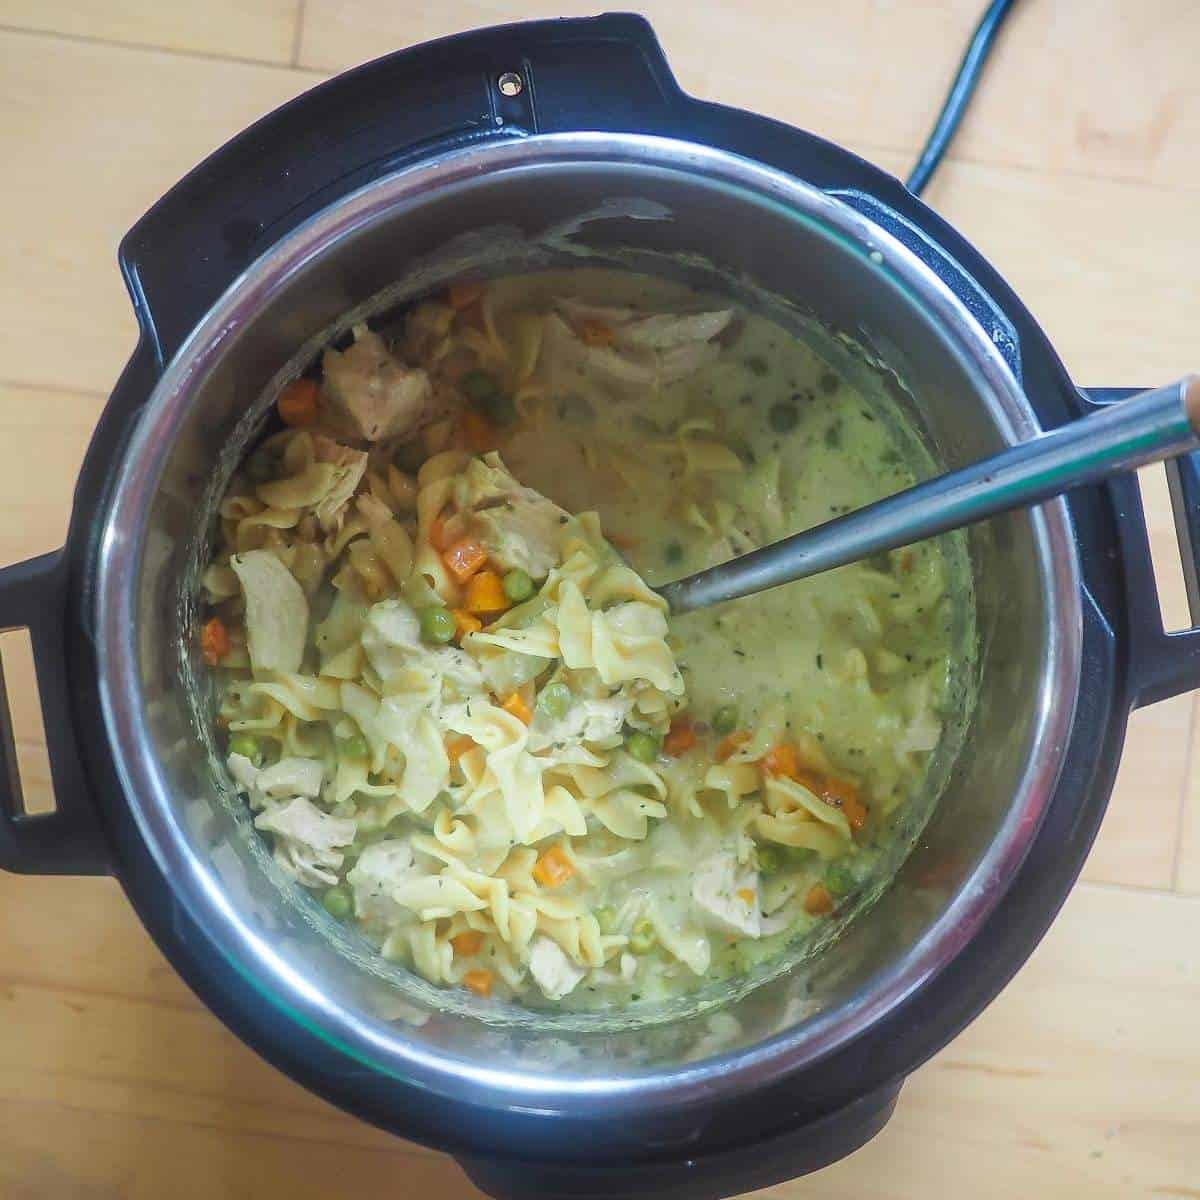 An instant pot of chicken pot pie soup.